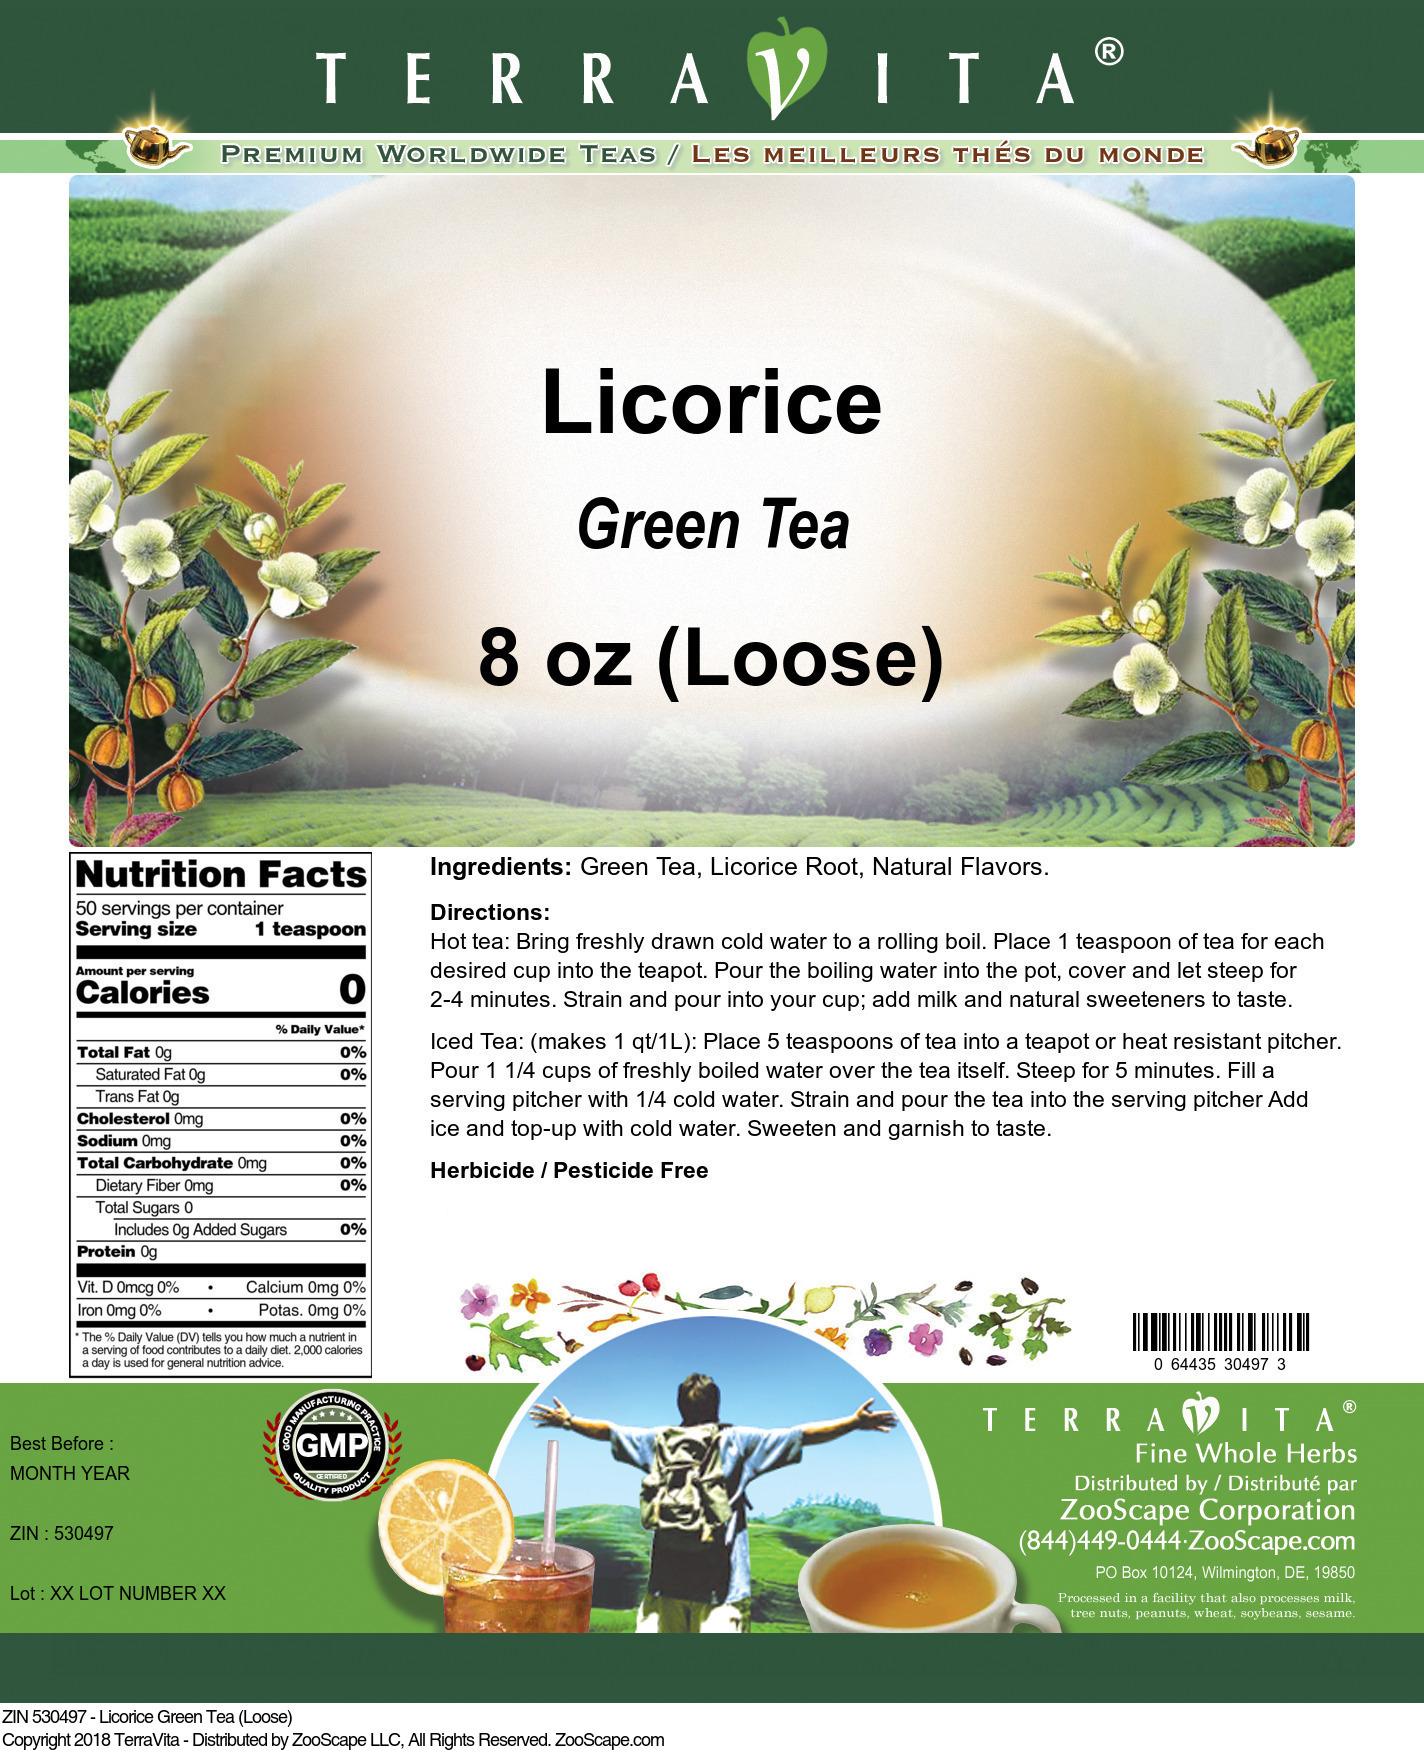 Licorice Green Tea (Loose)